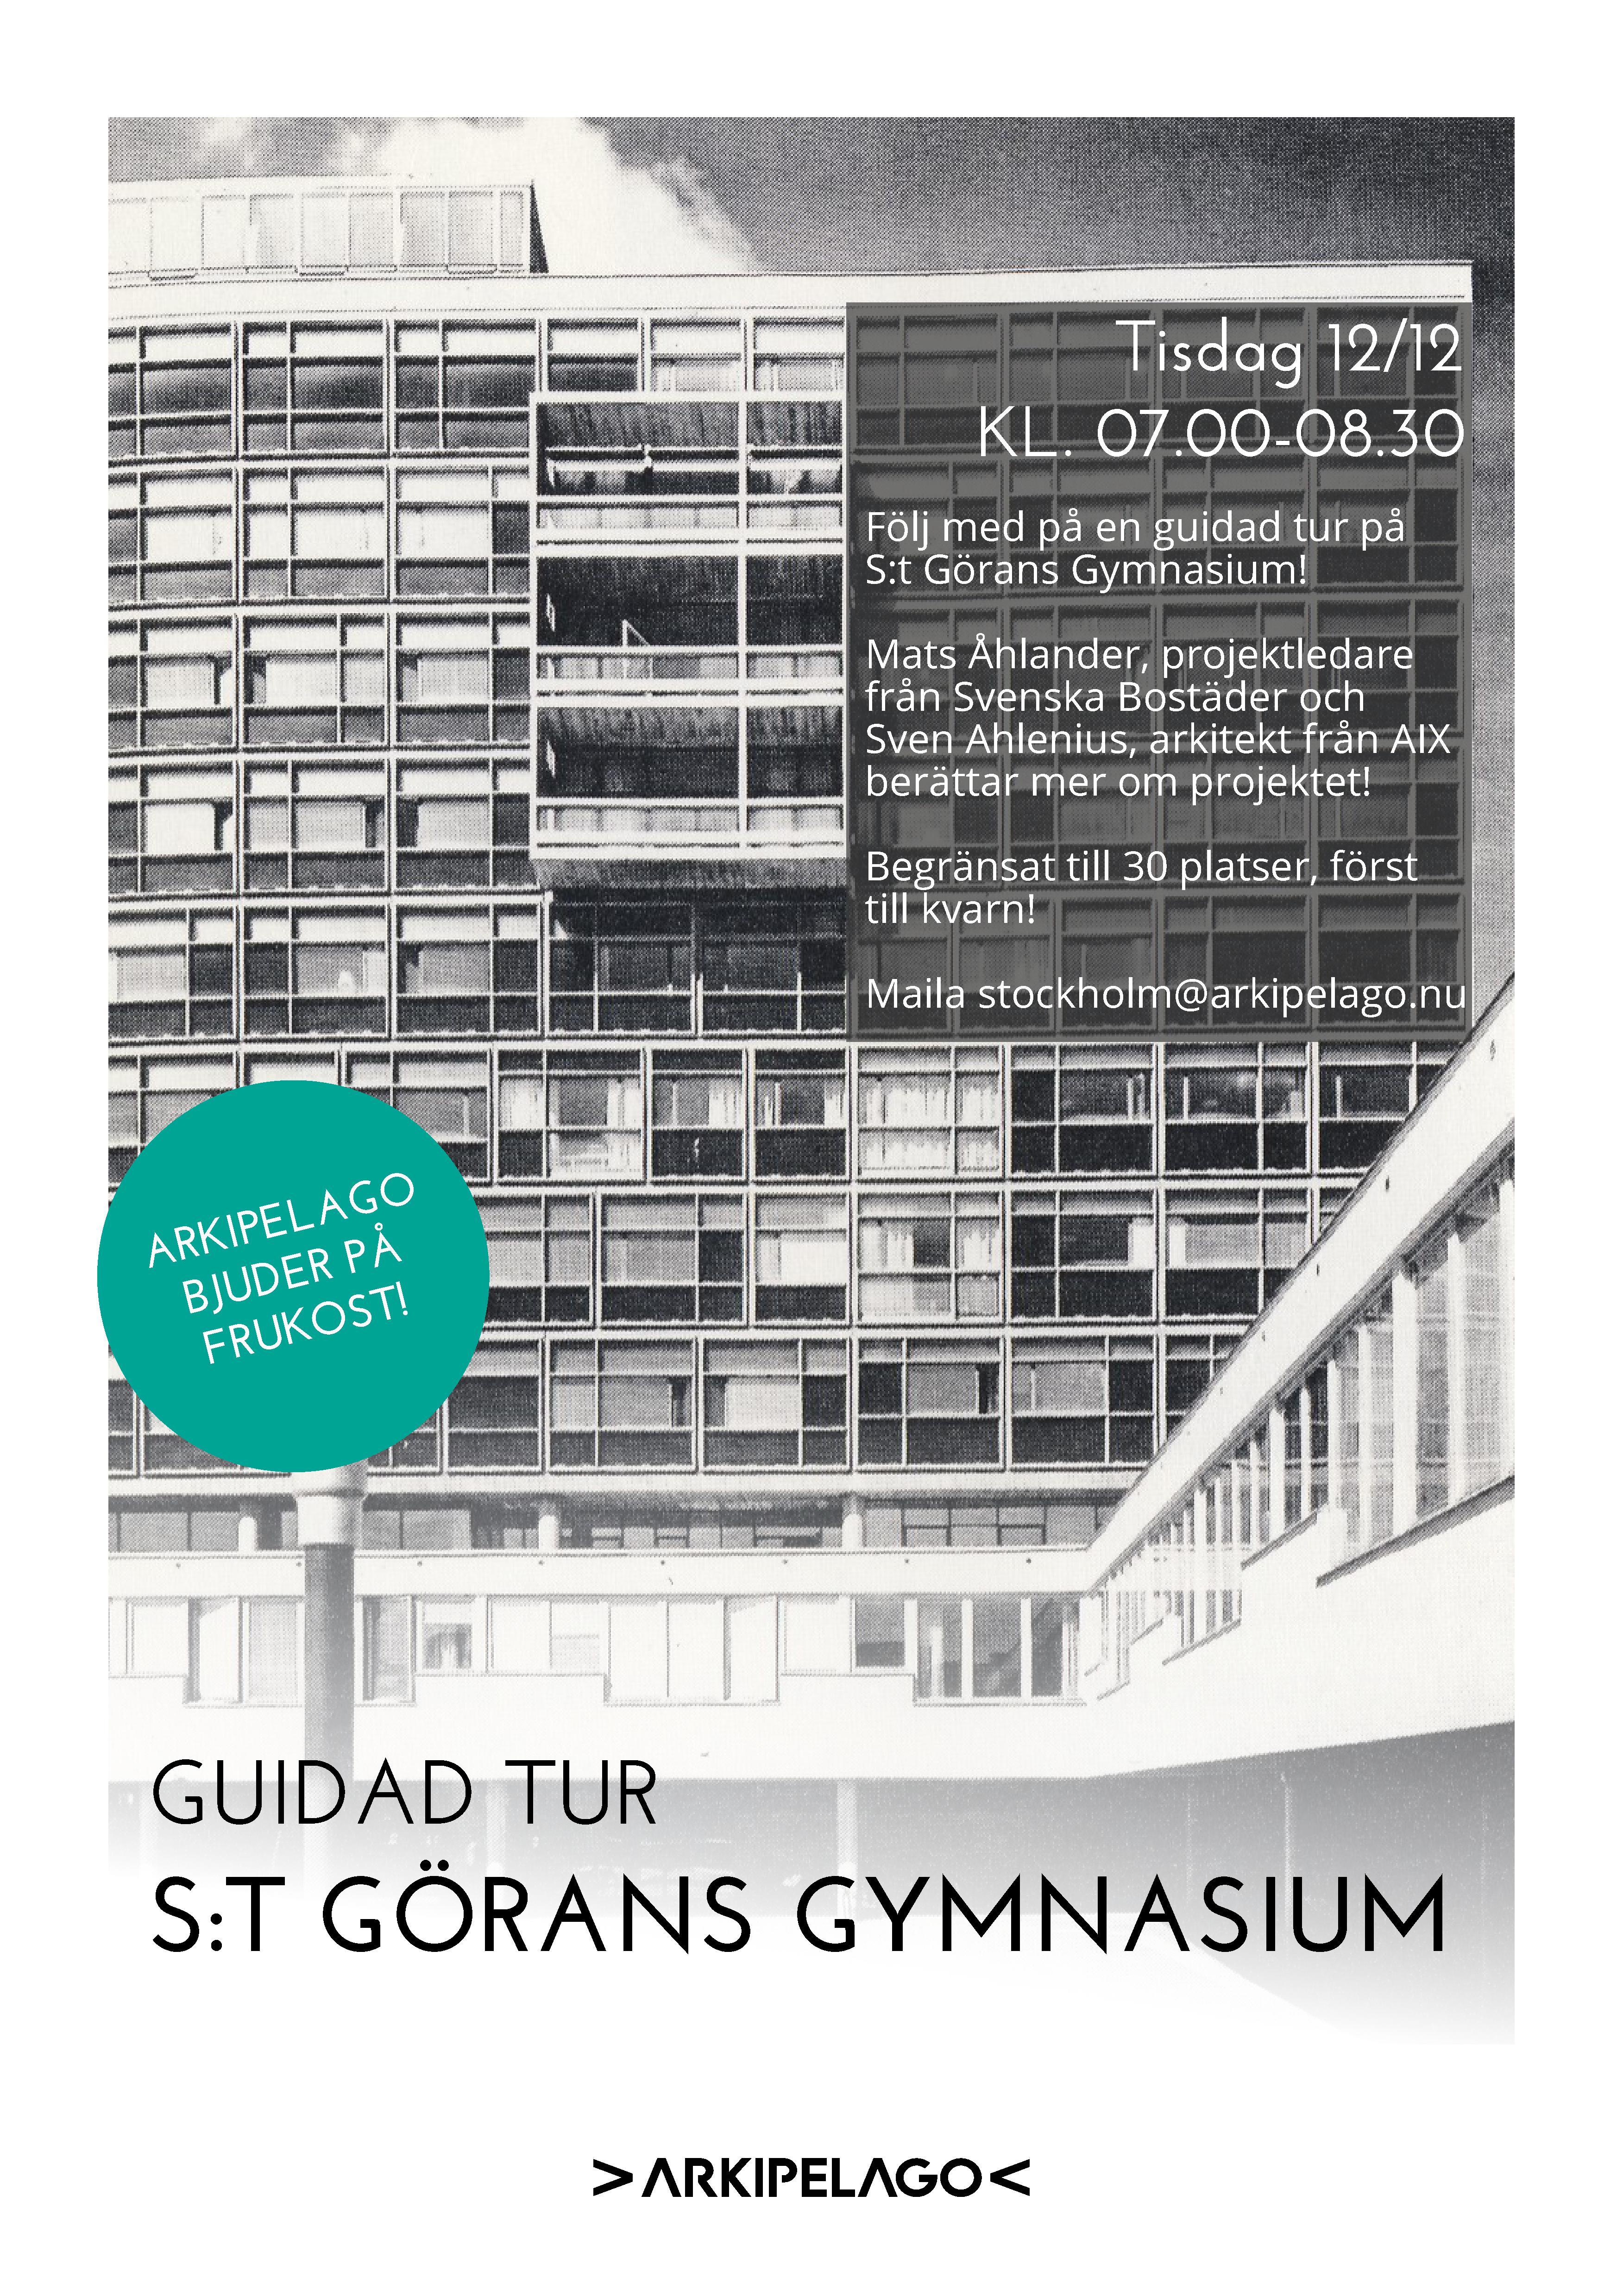 Guidad visning på S:t Görans Gymnasium